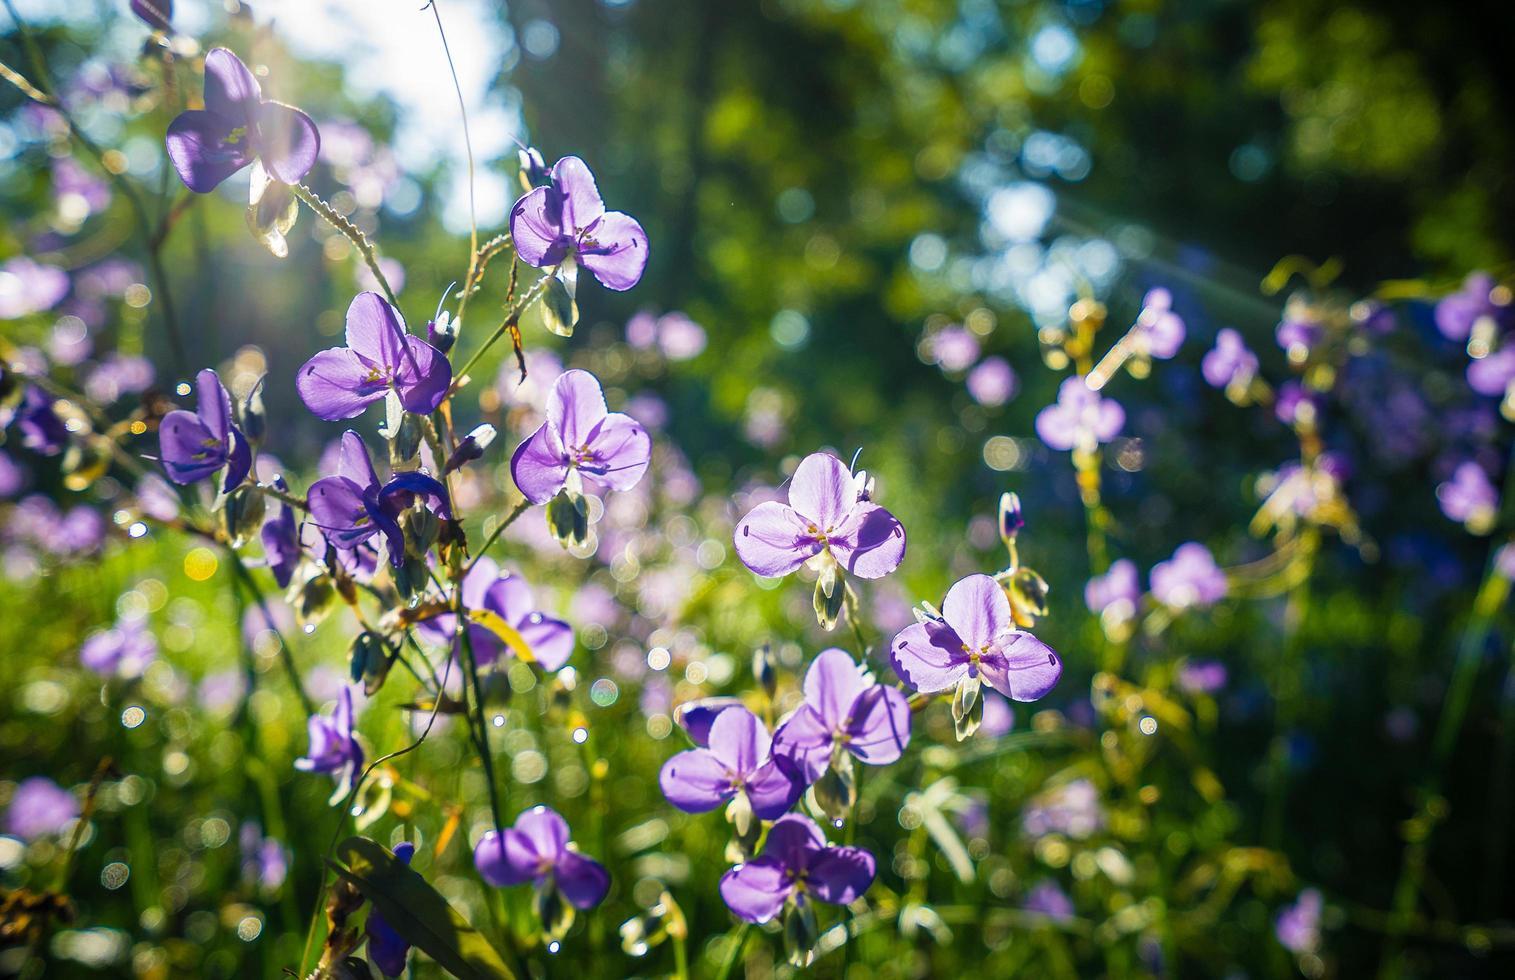 krönade ormblommor i trädgården foto